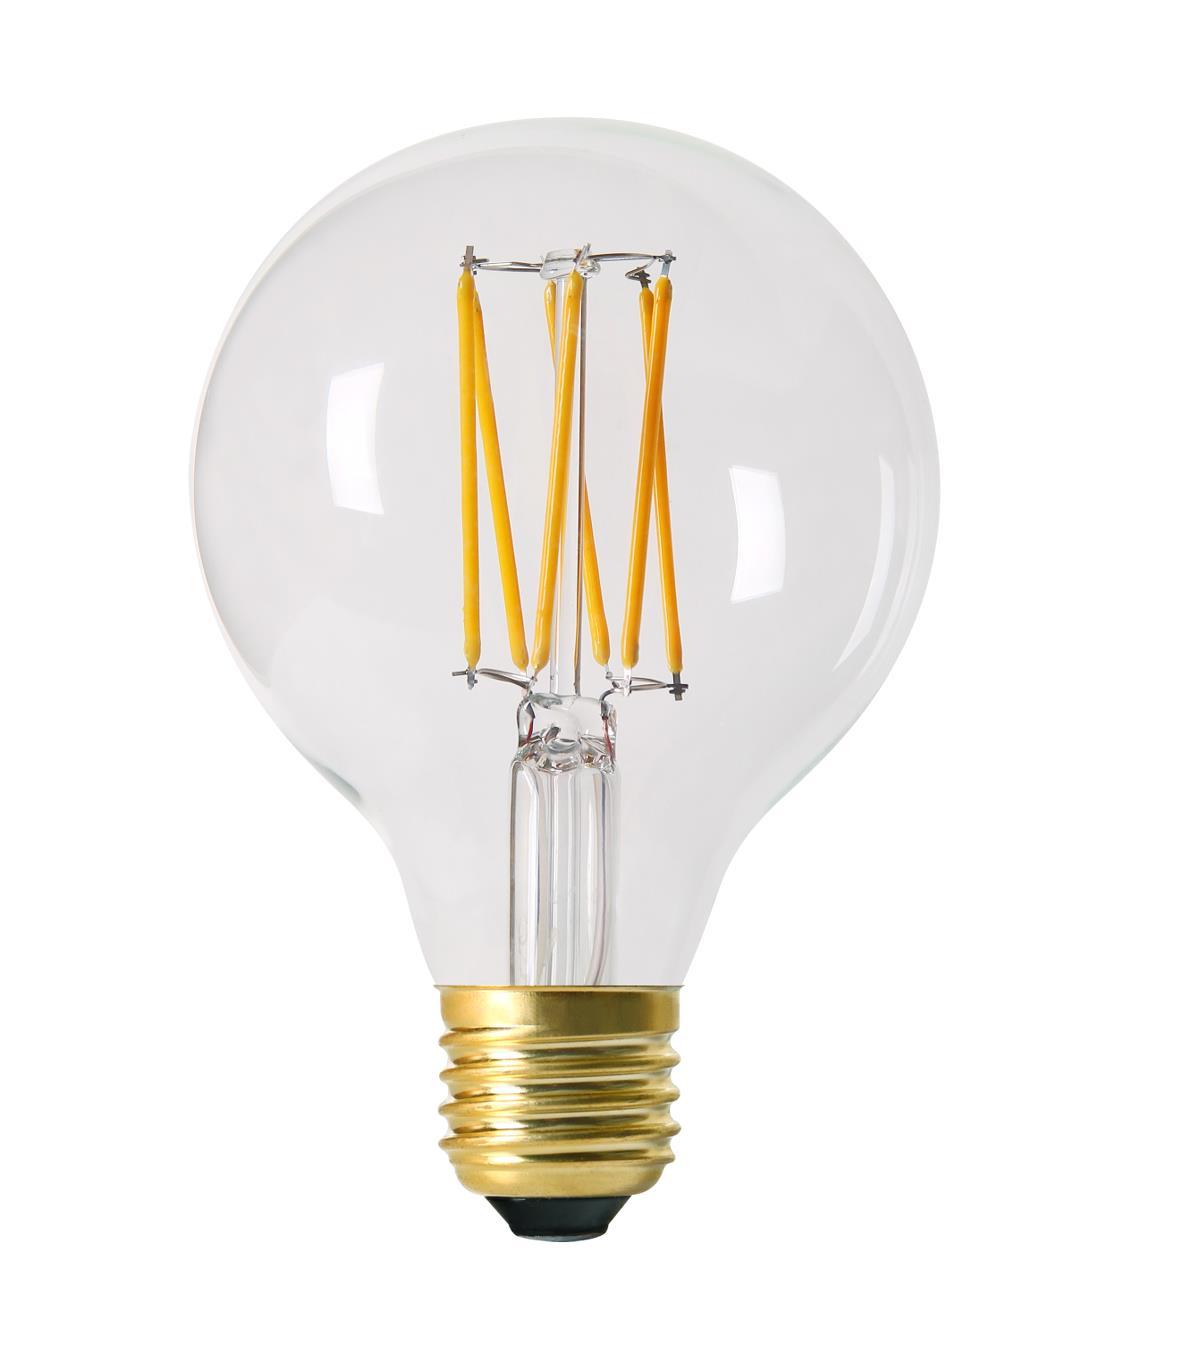 Billede af E27 - 2,5W LED Globe De Luxe